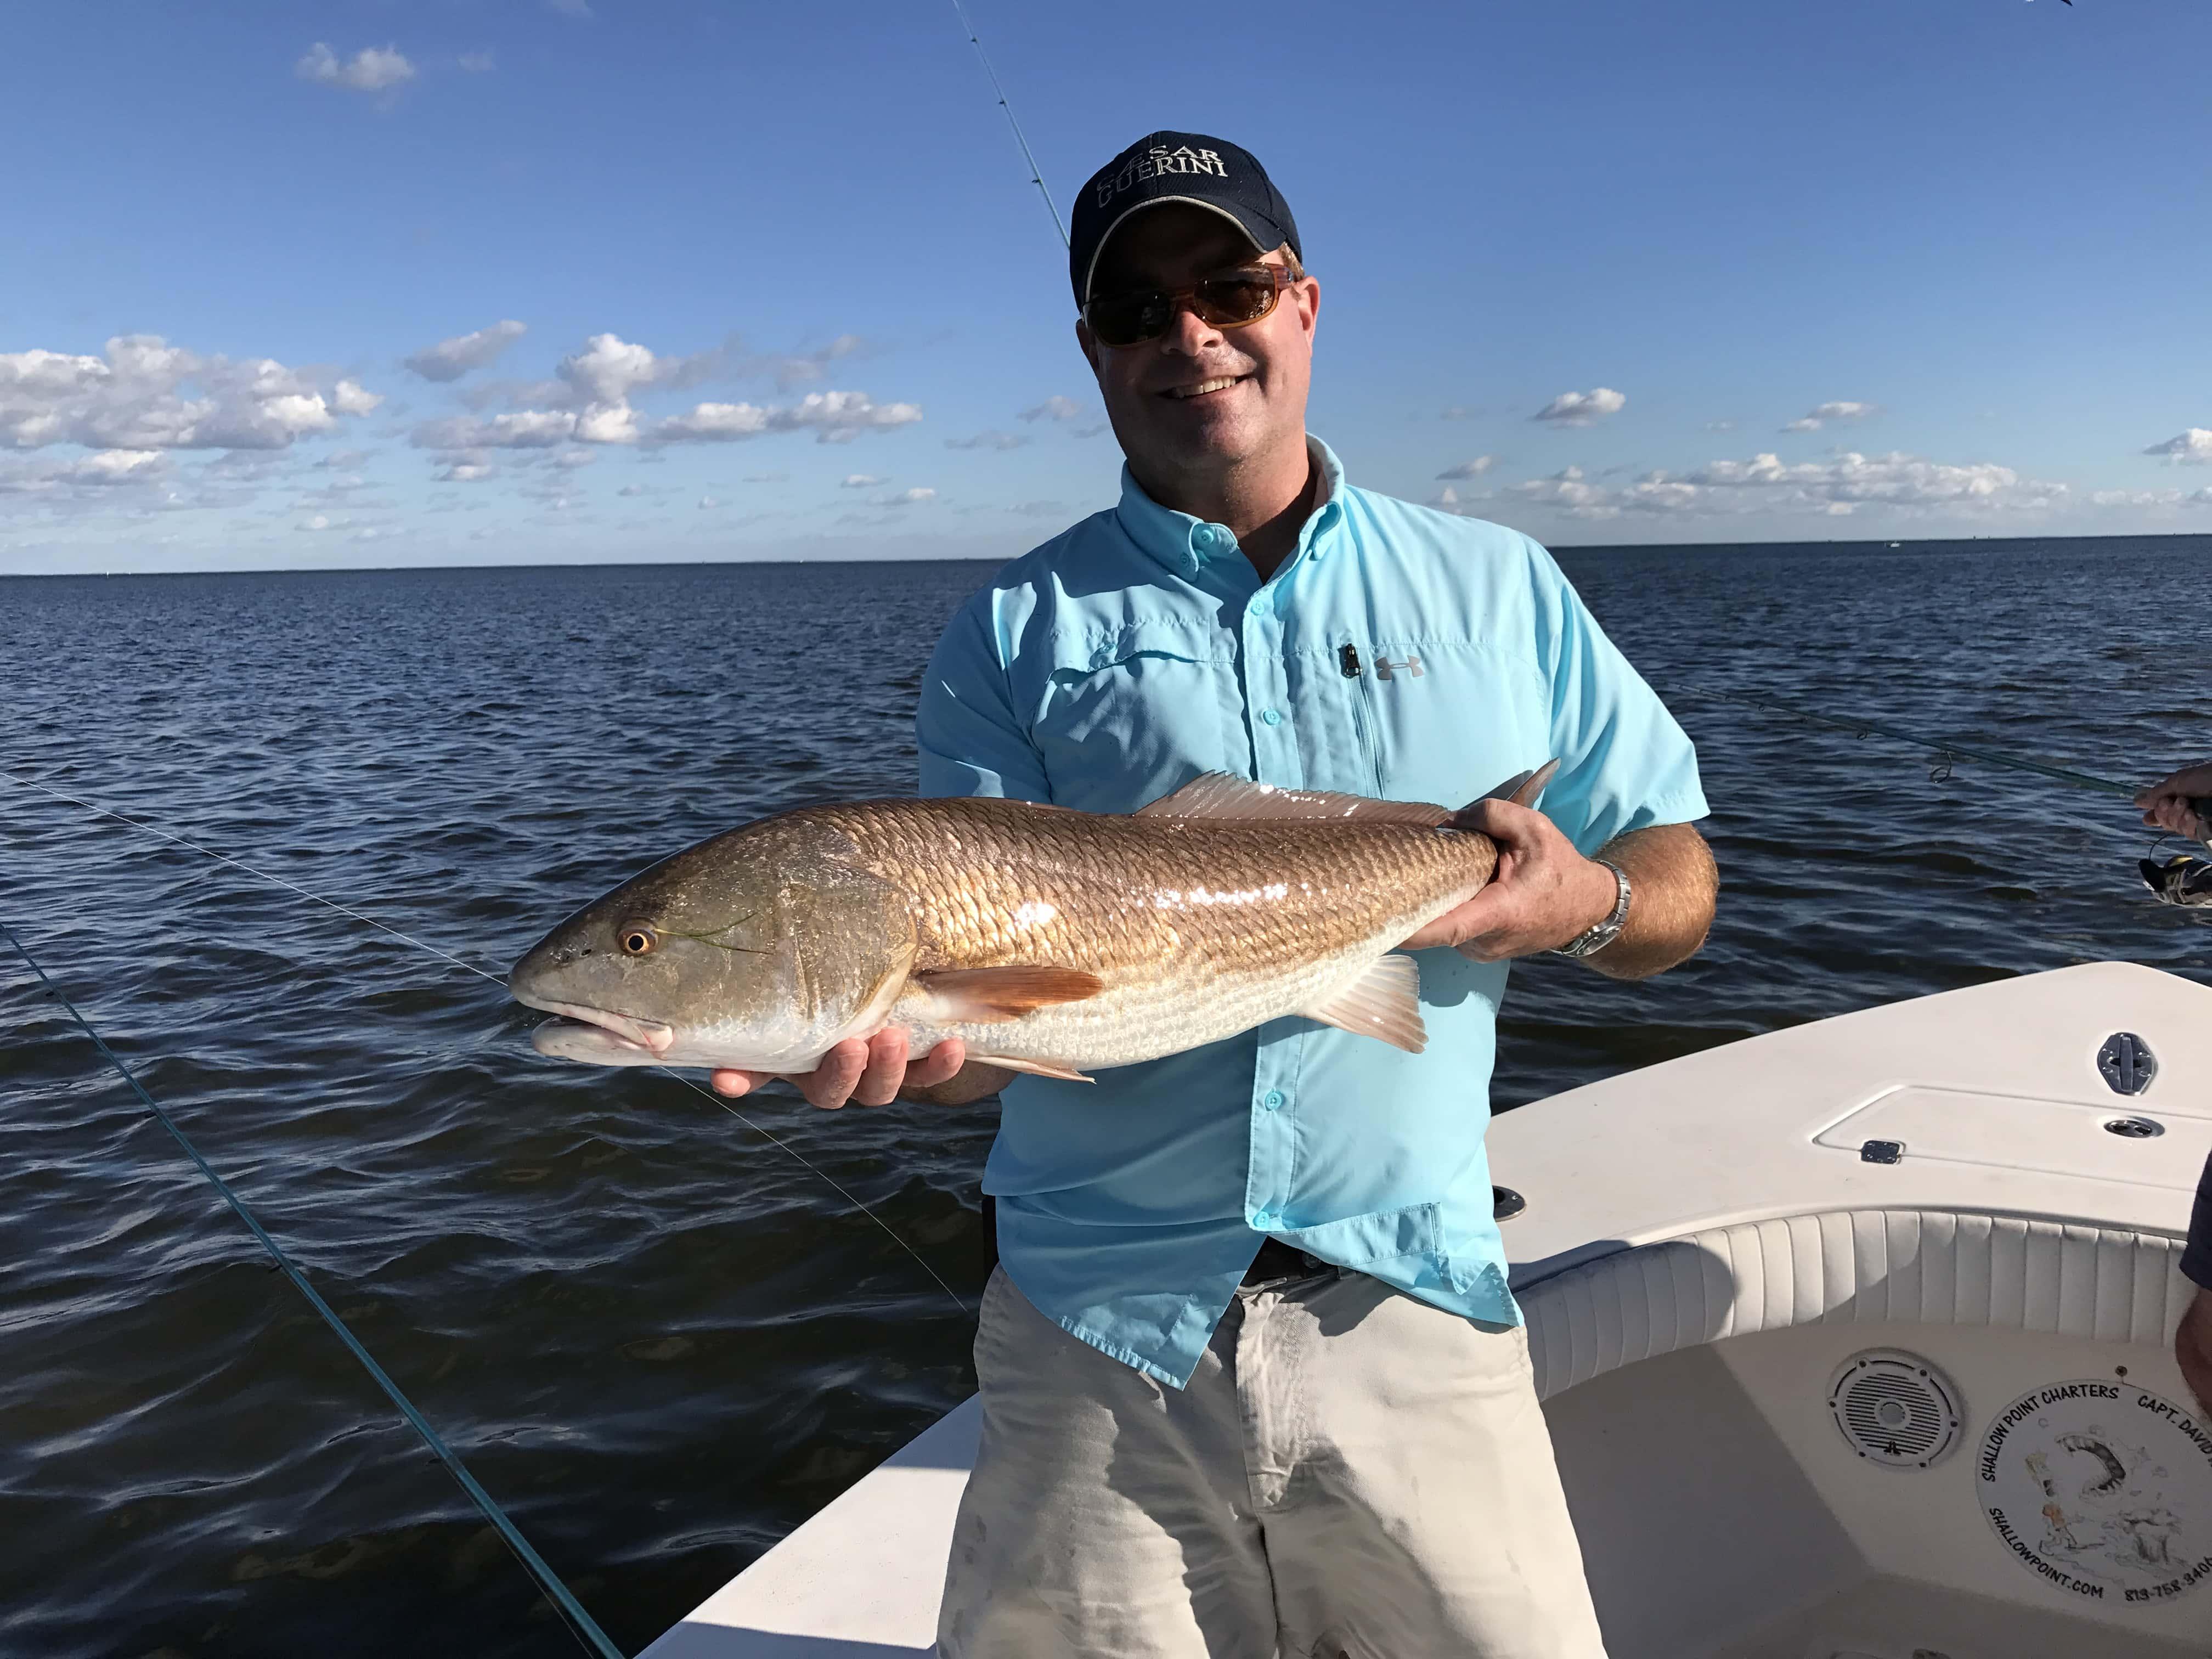 Fishing tampa bay florida flats bay and nearshore for Fishing tampa bay